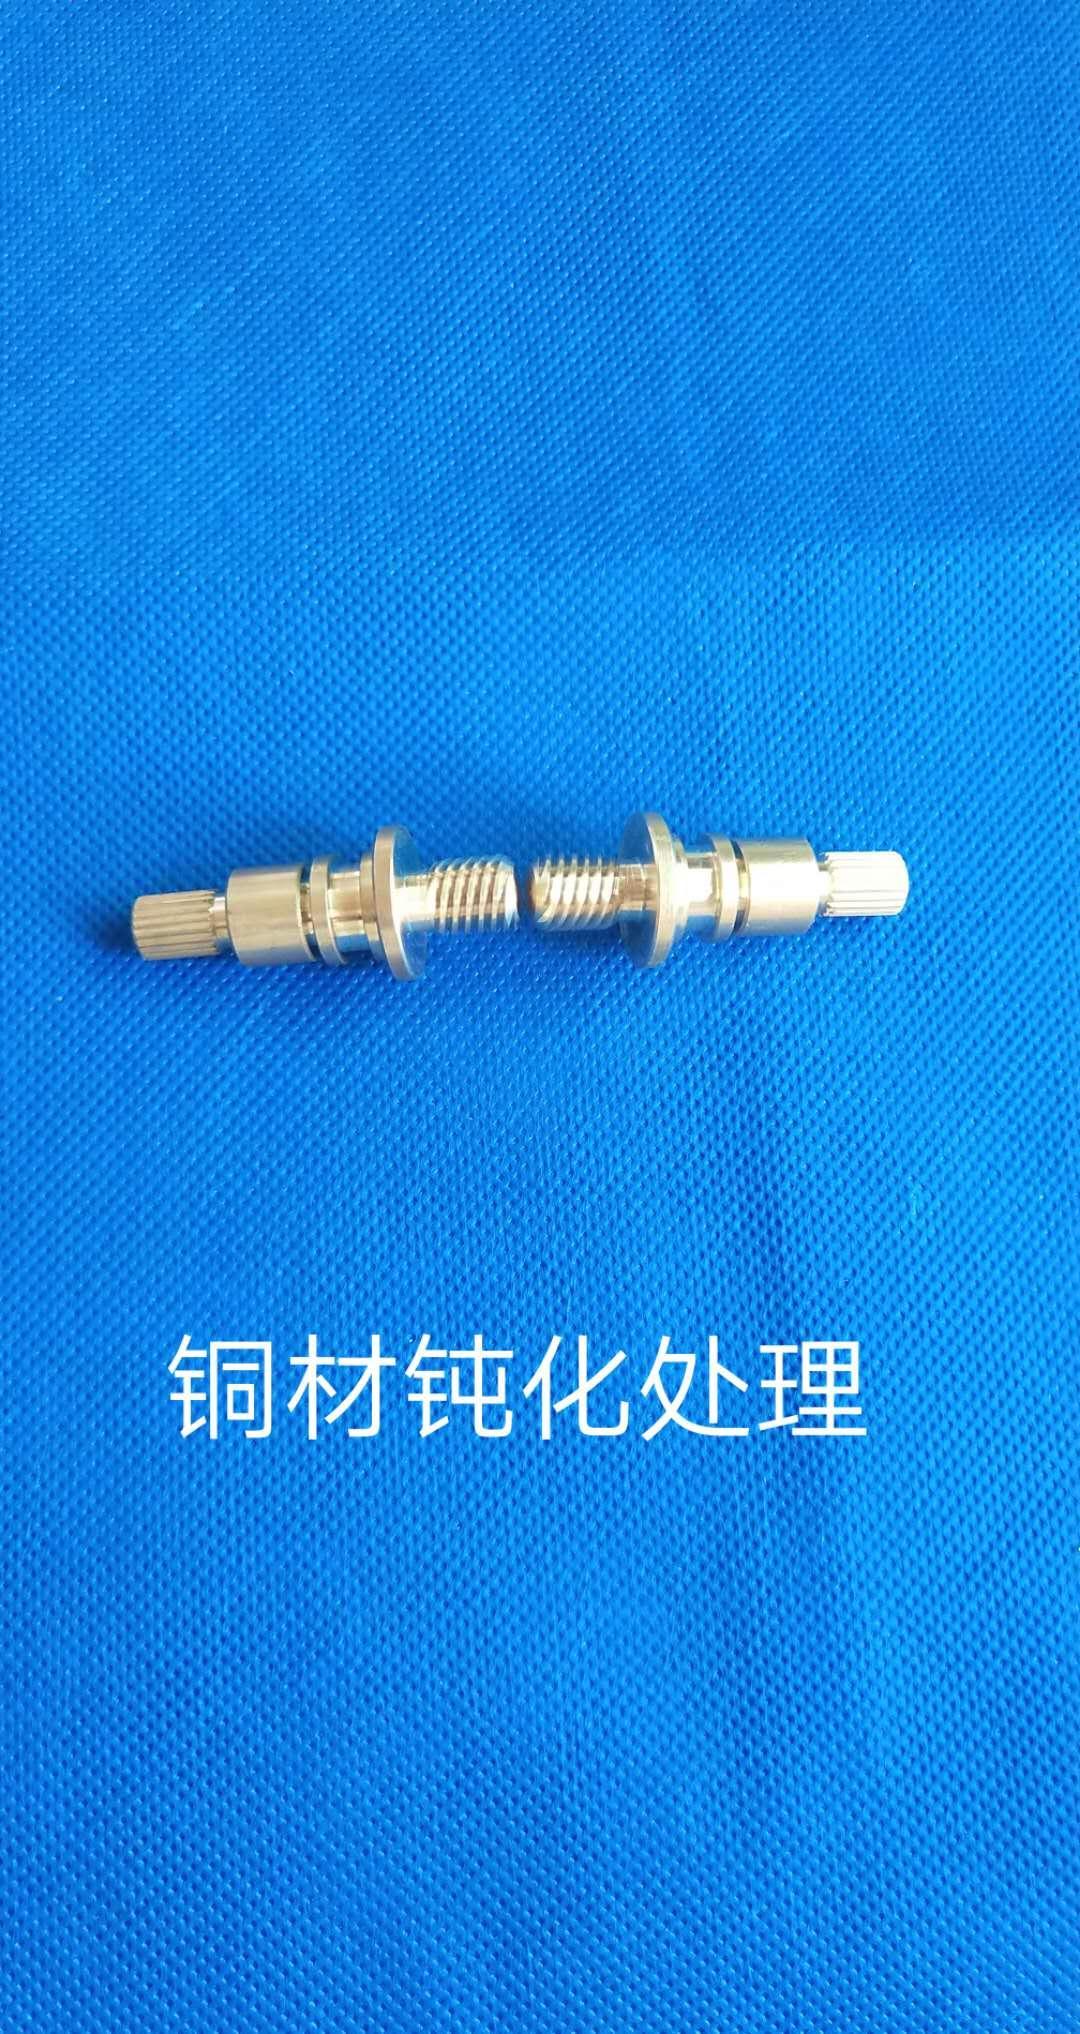 浙江嘉兴铜材钝化剂厂家供应 铜材表面耐腐蚀抗氧化处理剂 4